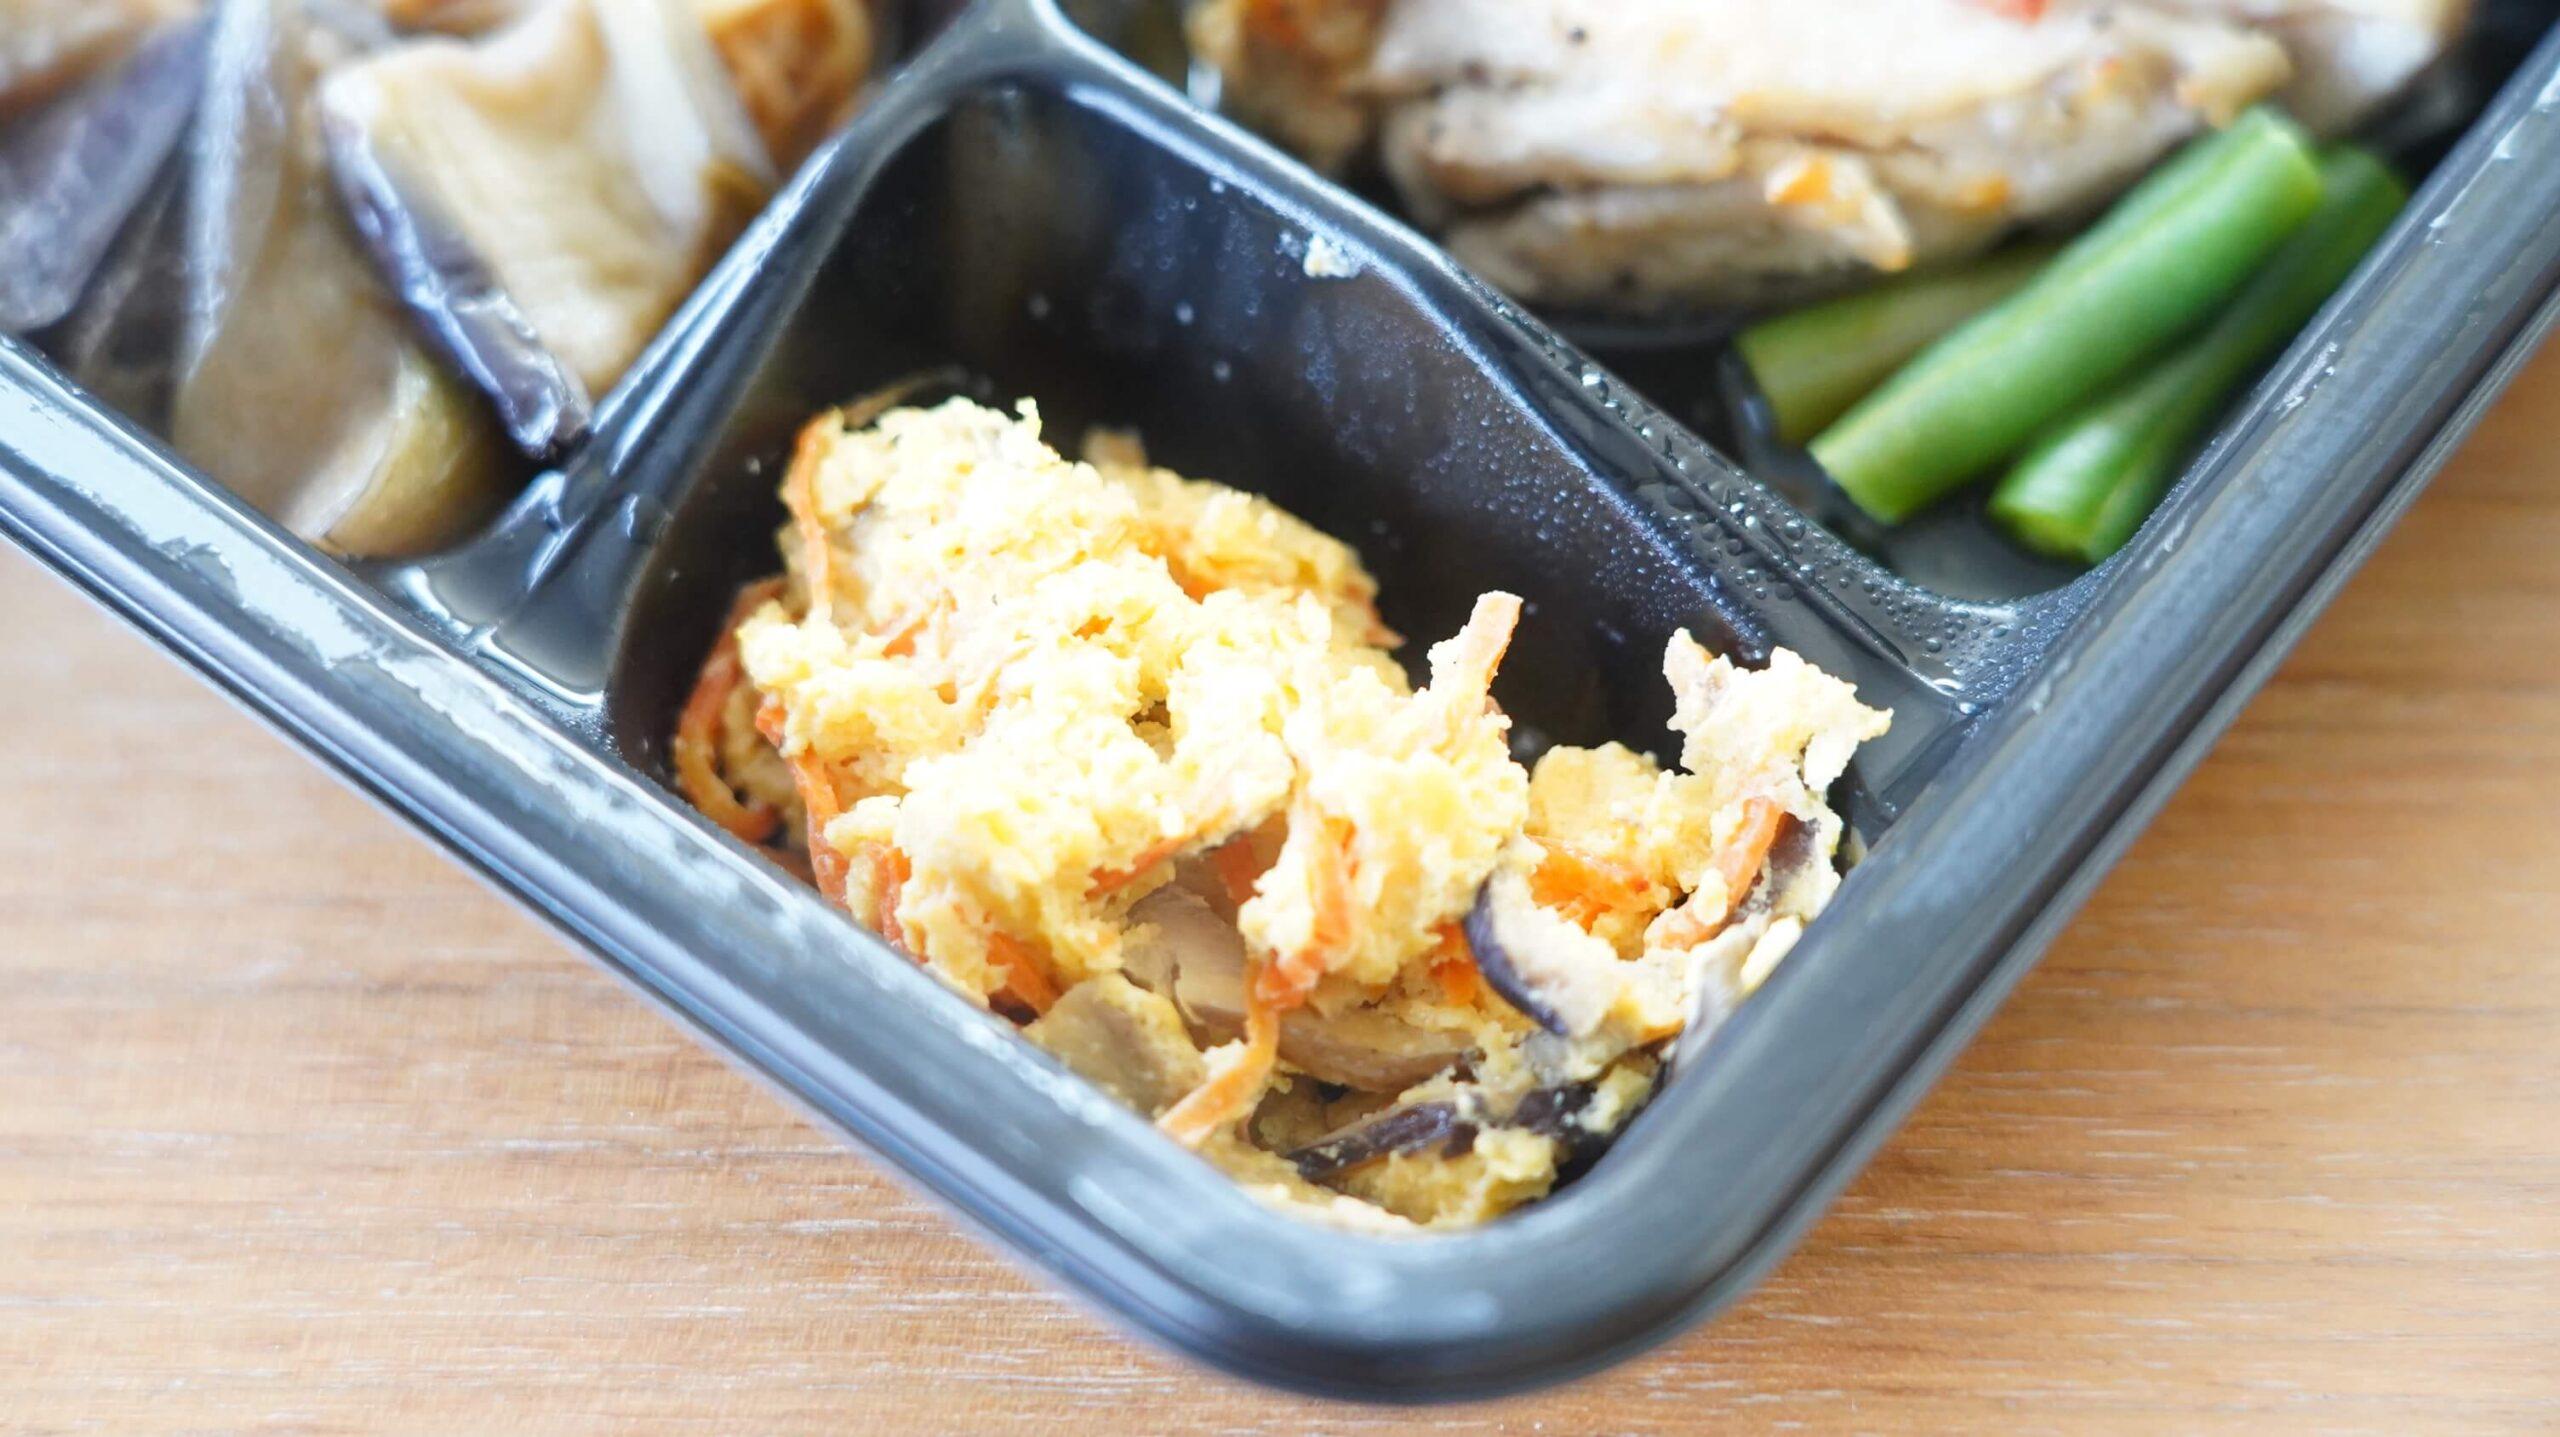 ライザップのサポートミール「鶏肉のエスニック焼き」の「椎茸と人参の卵炒め」の写真